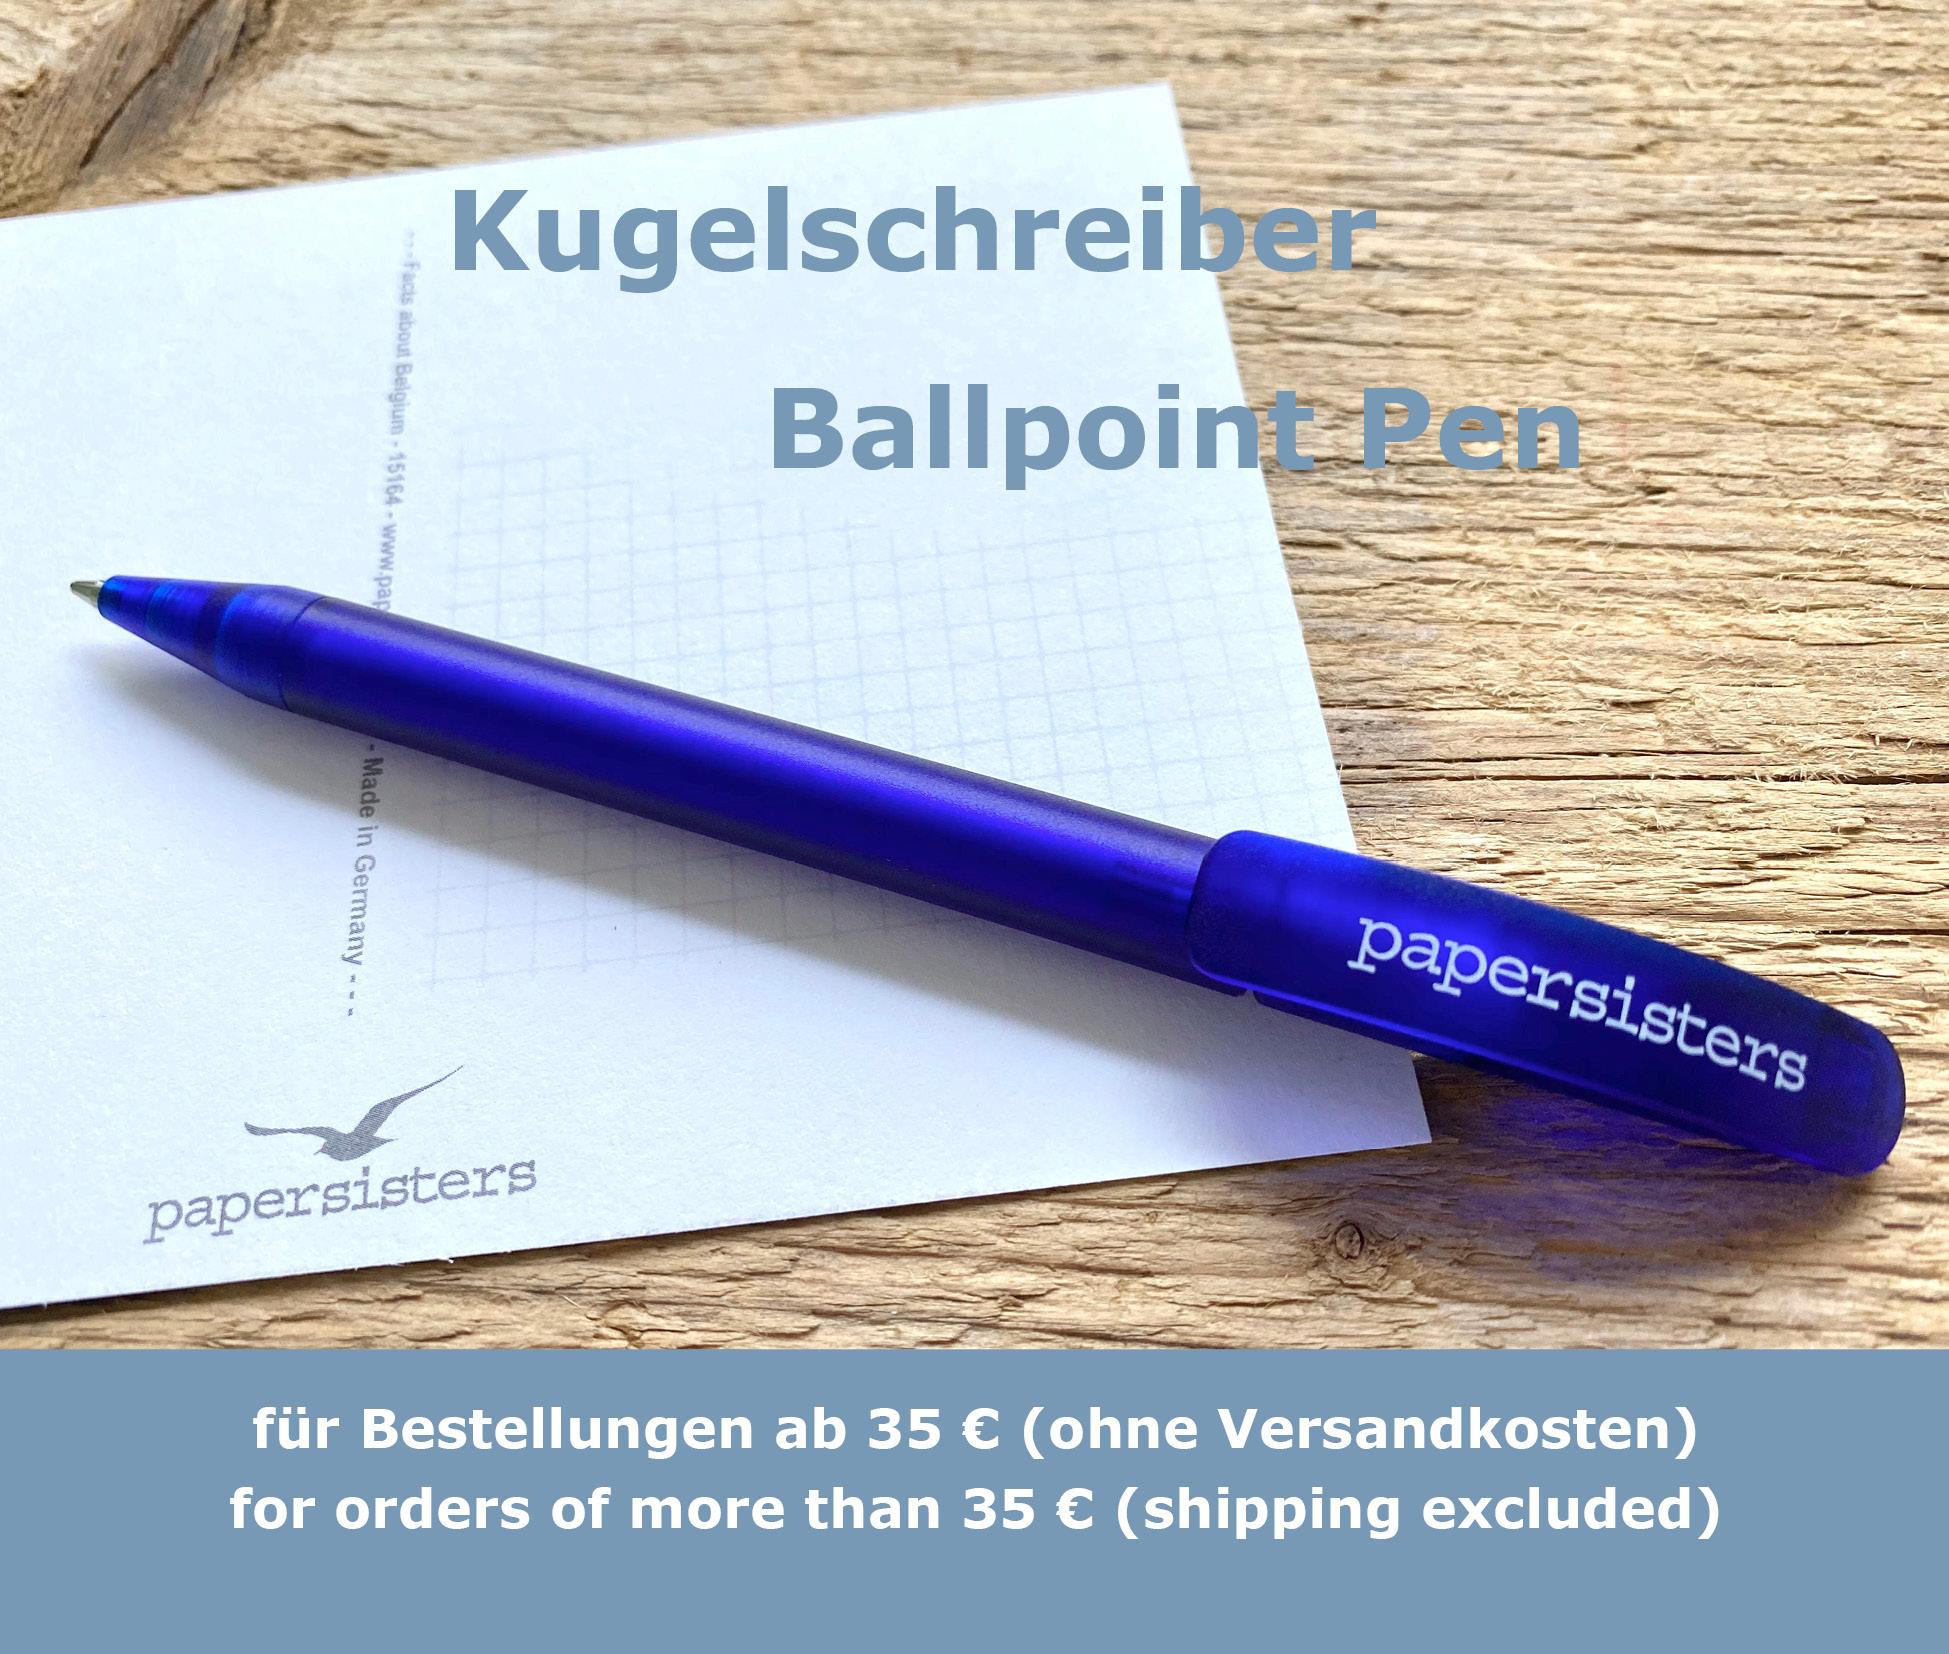 papersisters-Goodie-Kugelschreiber-Ballpoint-Pen